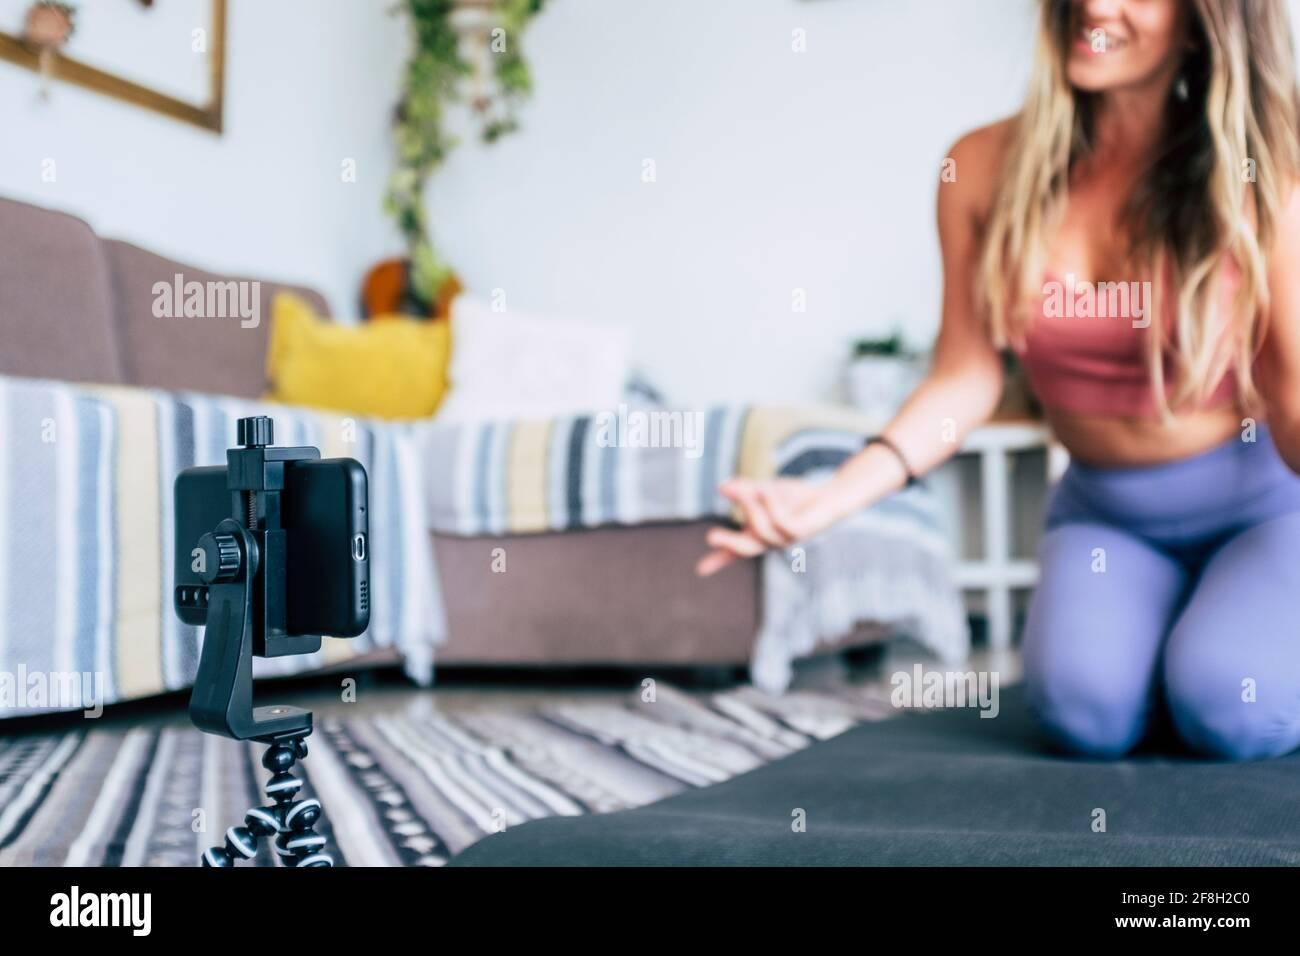 Jeune femme s'exerçant à la maison faisant de l'entraînement et l'enregistrement à elle avec un téléphone cellulaire pour enseigner l'entraînement et produire le web classe - les affaires du créateur de contenu Banque D'Images